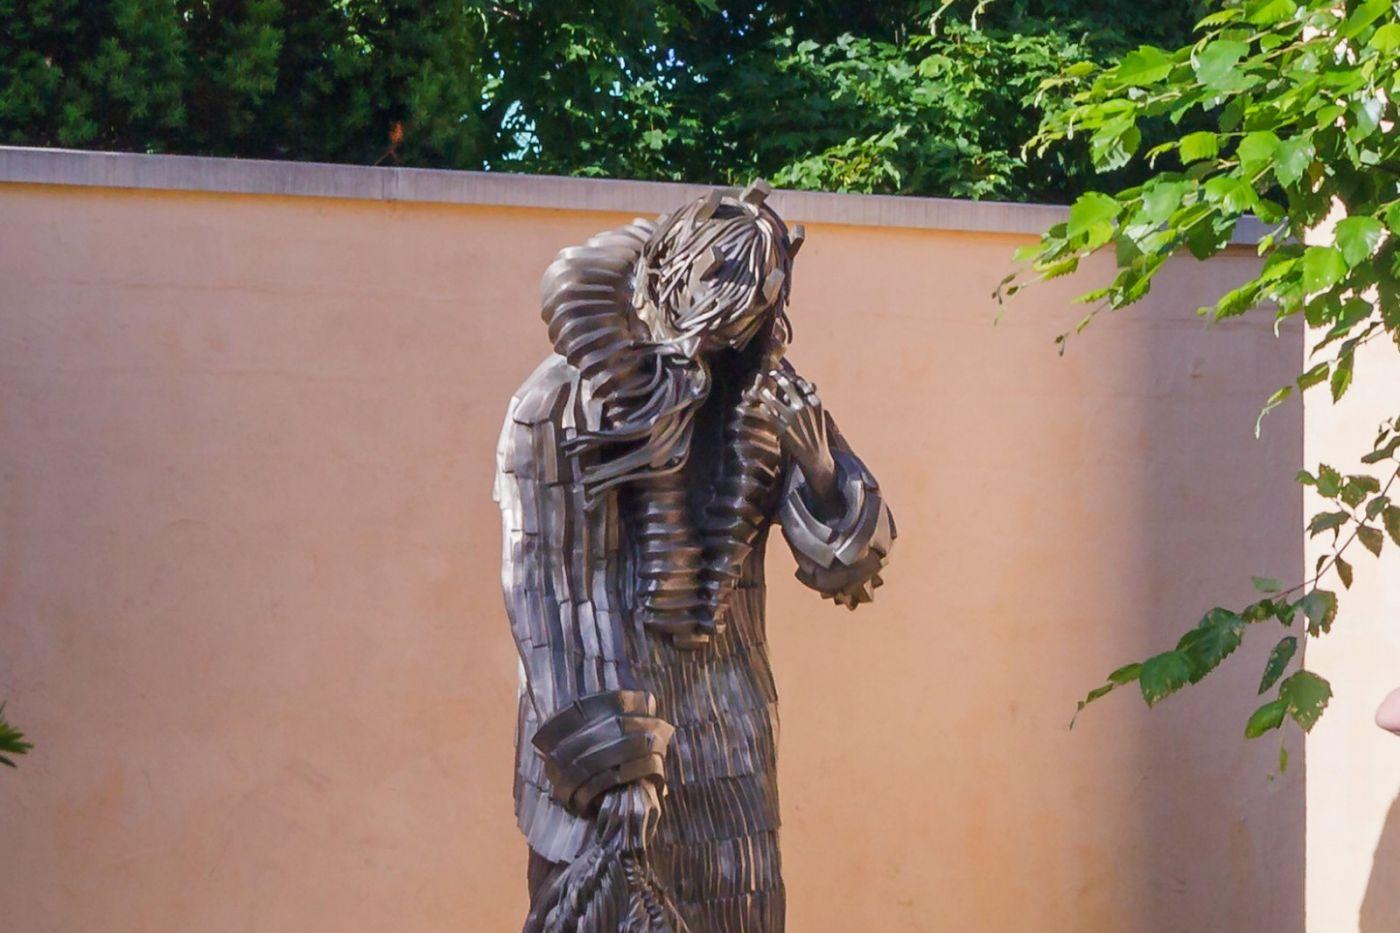 新澤西州雕塑公園(Grounds for scuplture),題材很廣_圖1-33